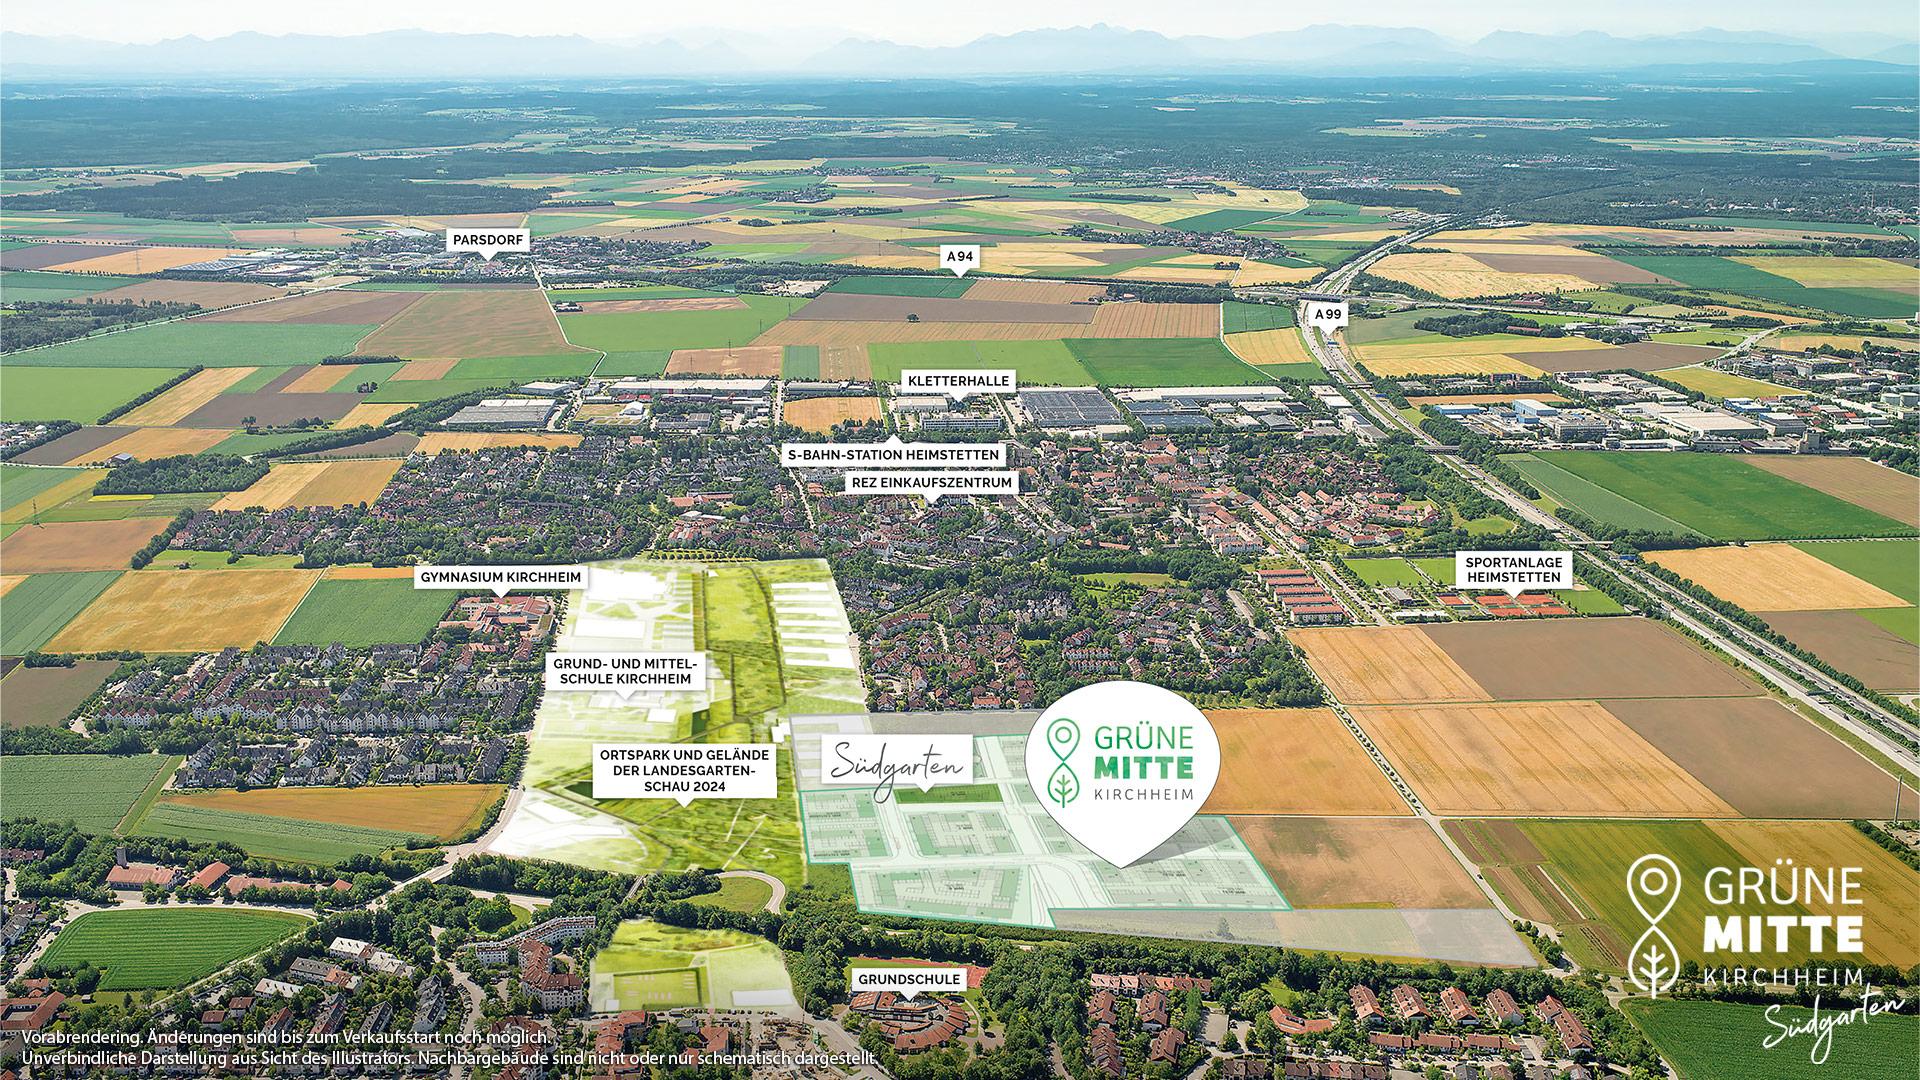 Immobilie Grüne Mitte Kirchheim - Suedgarten - Vorankündigung - Luftbild